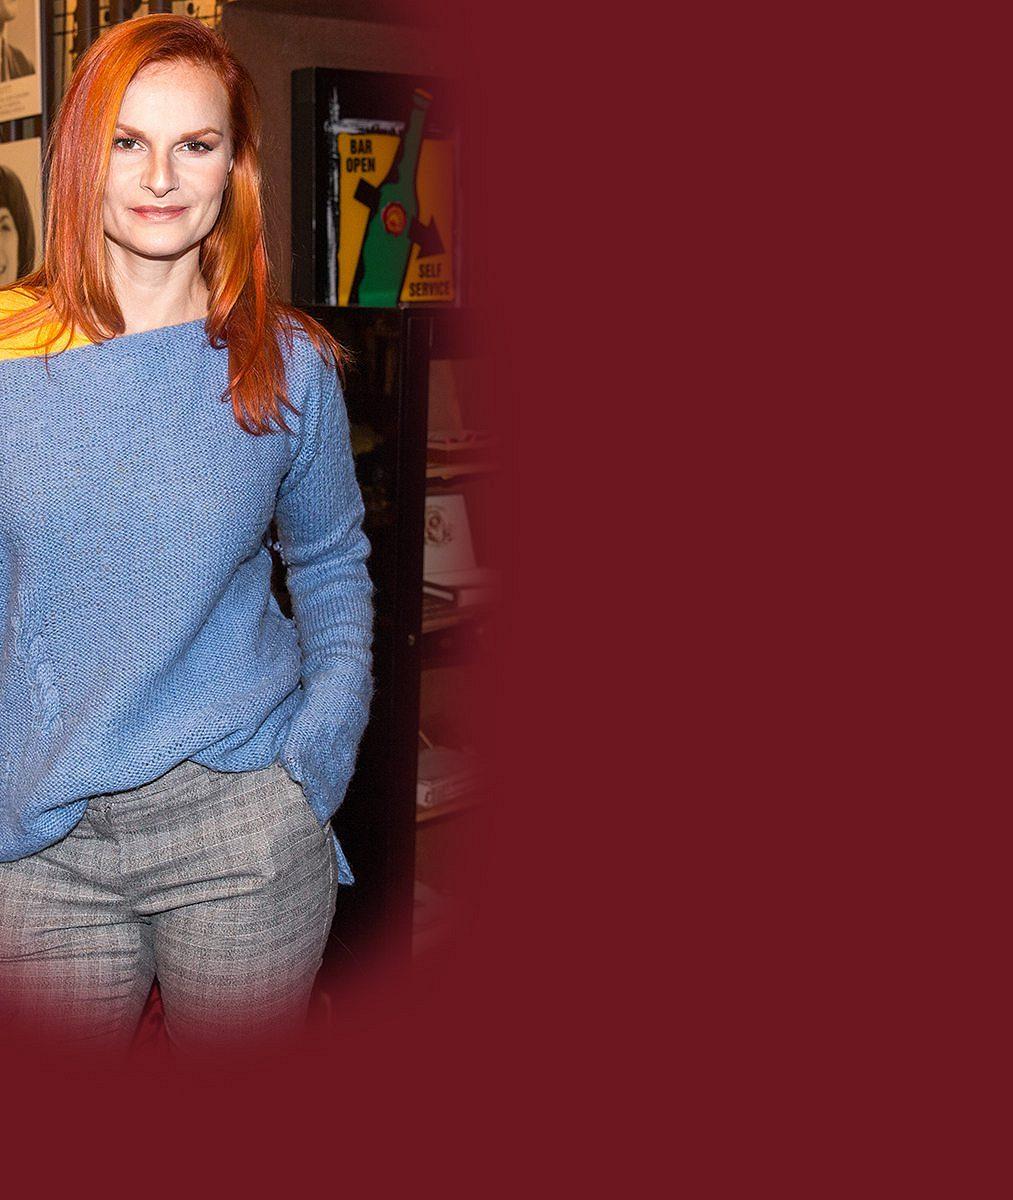 Iva Pazderková se pochlubila fotkou v bikinách a posteskla si: Mrkněte, s čím na sobě není spokojená